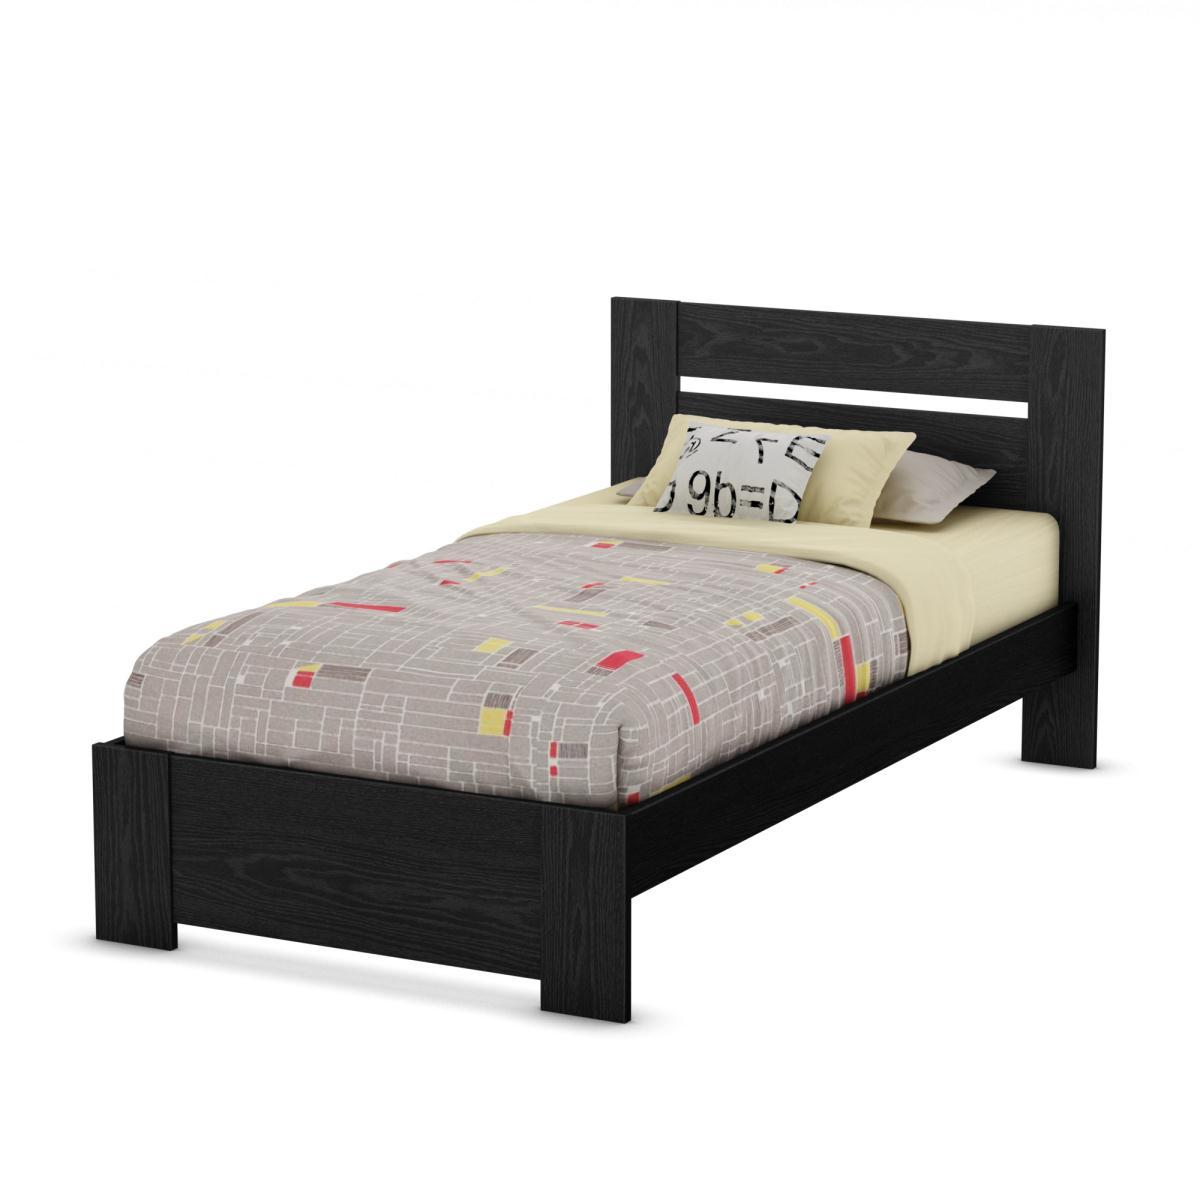 south shore flexible twin headboard footboard bed frame kit black oak - Black Wooden Bed Frame